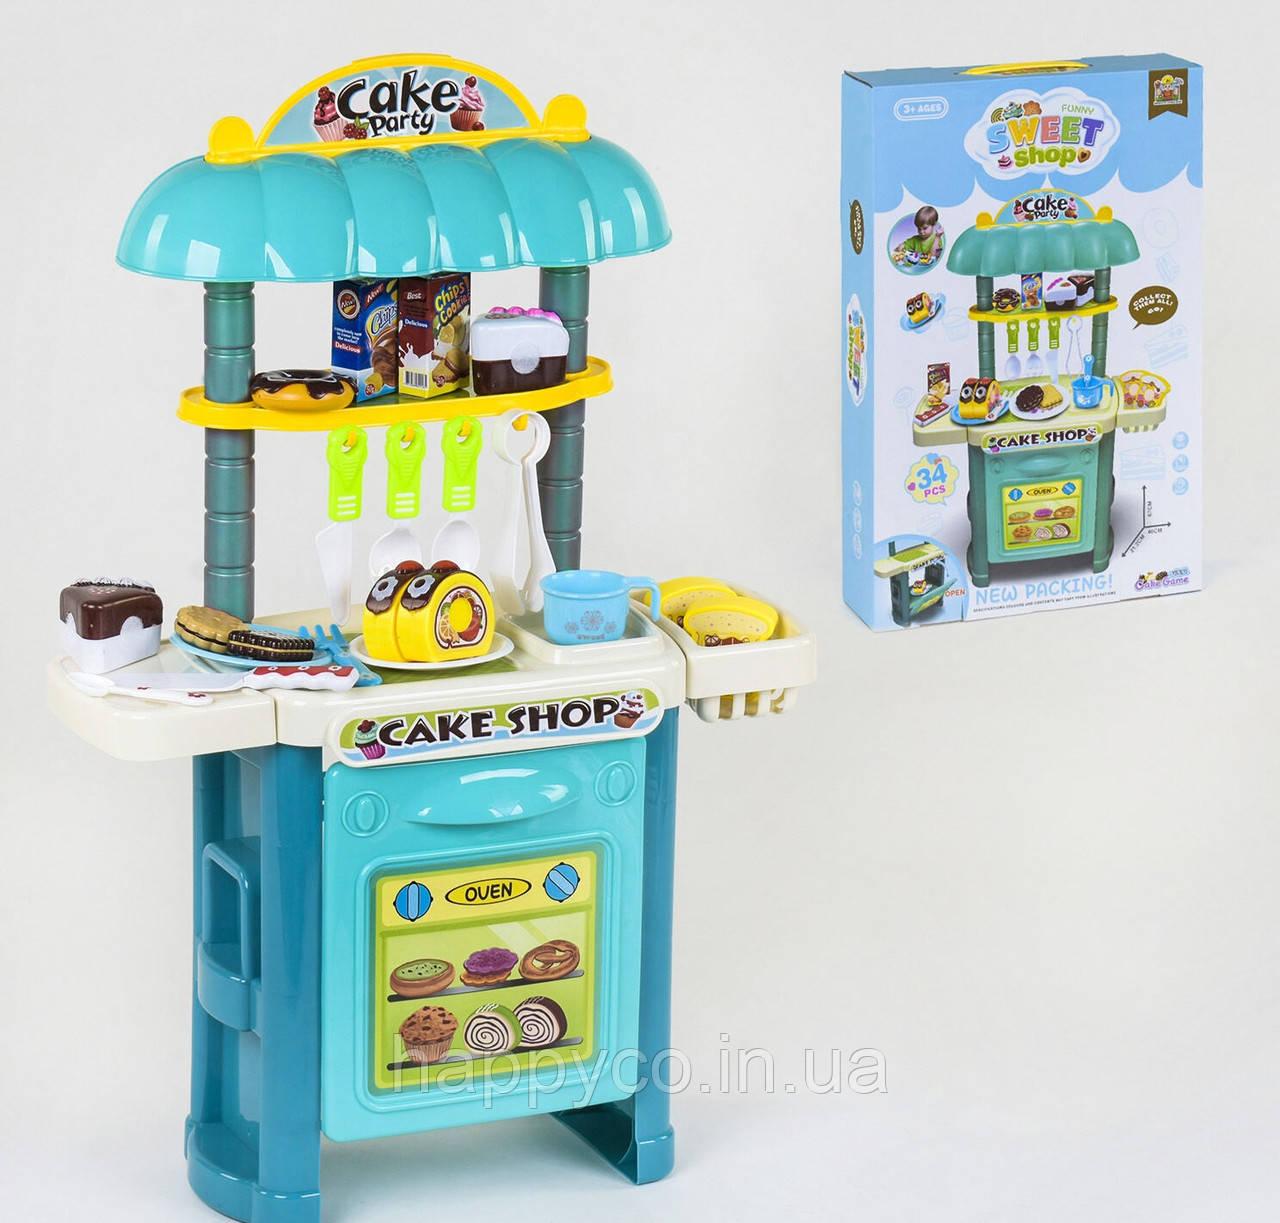 Магазин сладостей , продукты на липучках, детский игровой набор